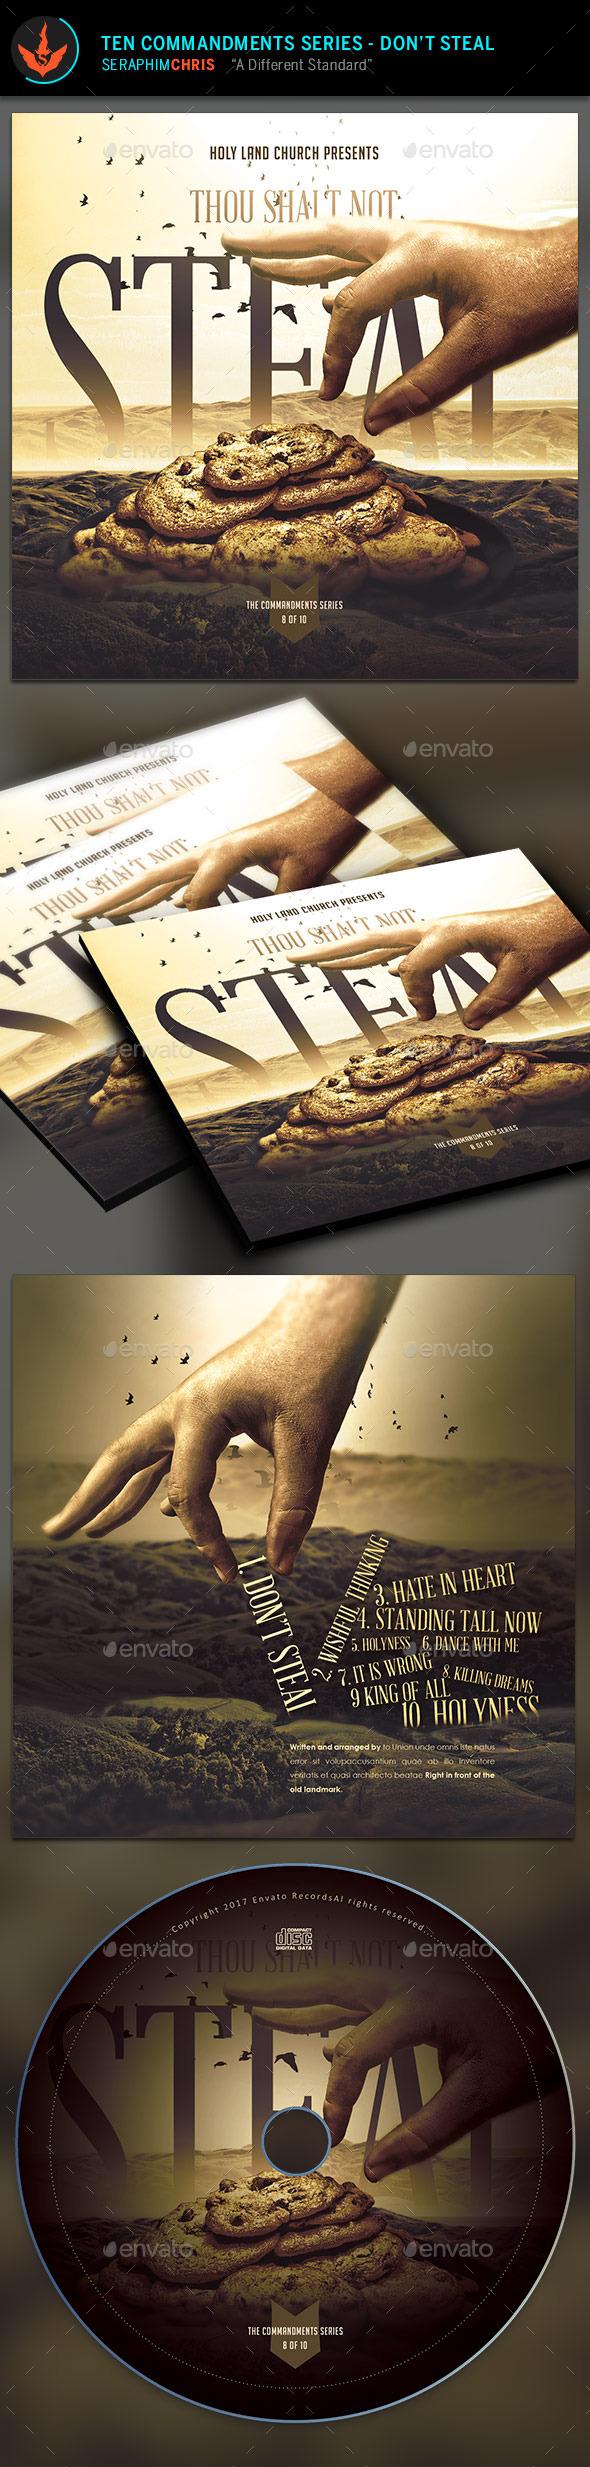 Thou Shalt Not Steal: CD Artwork Template - CD & DVD Artwork Print Templates